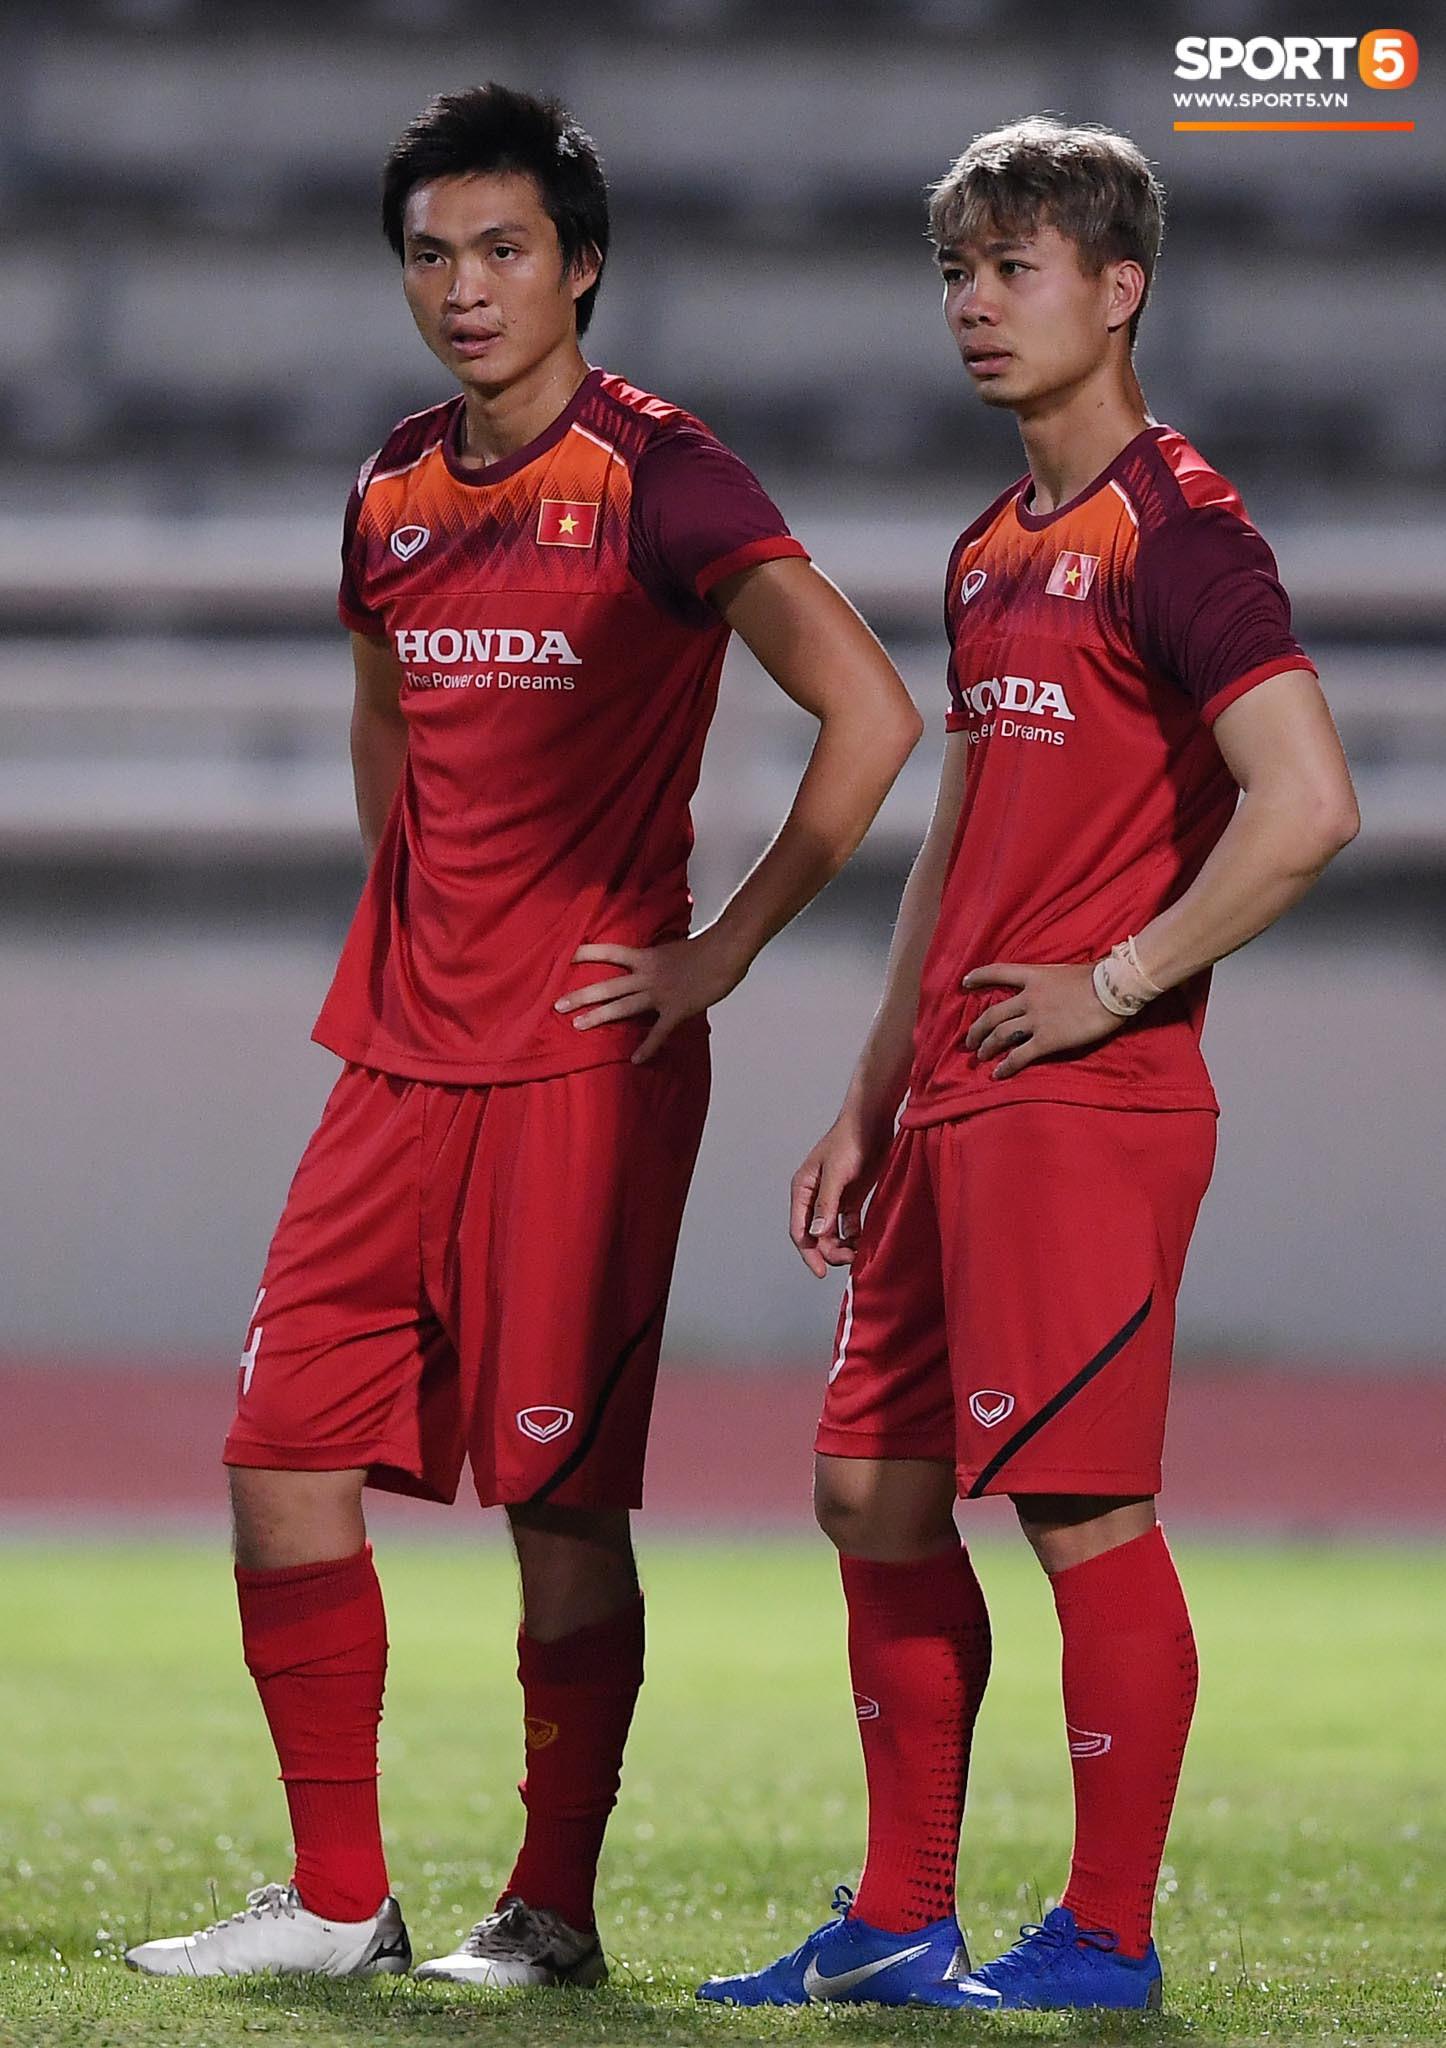 Xuân Trường trò chuyện không ngớt cùng Tuấn Anh, cặp tiền vệ tài hoa ngày nào của U19 Việt Nam chính thức tái hợp - Ảnh 7.